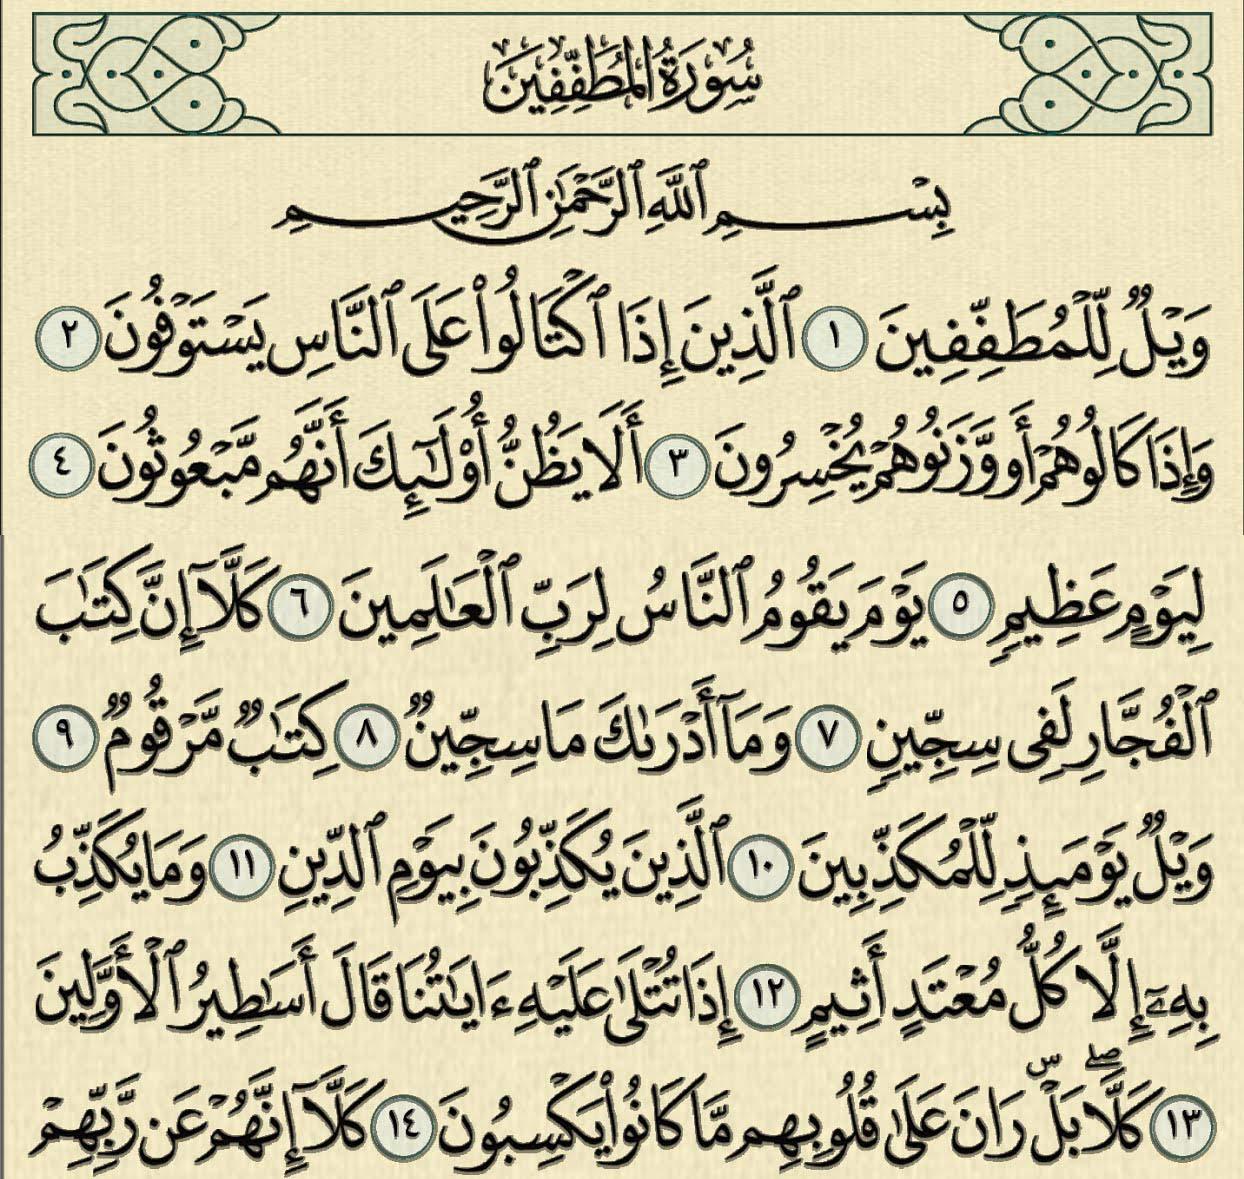 شرح وتفسير سورة المطففين surah al mutaffifin